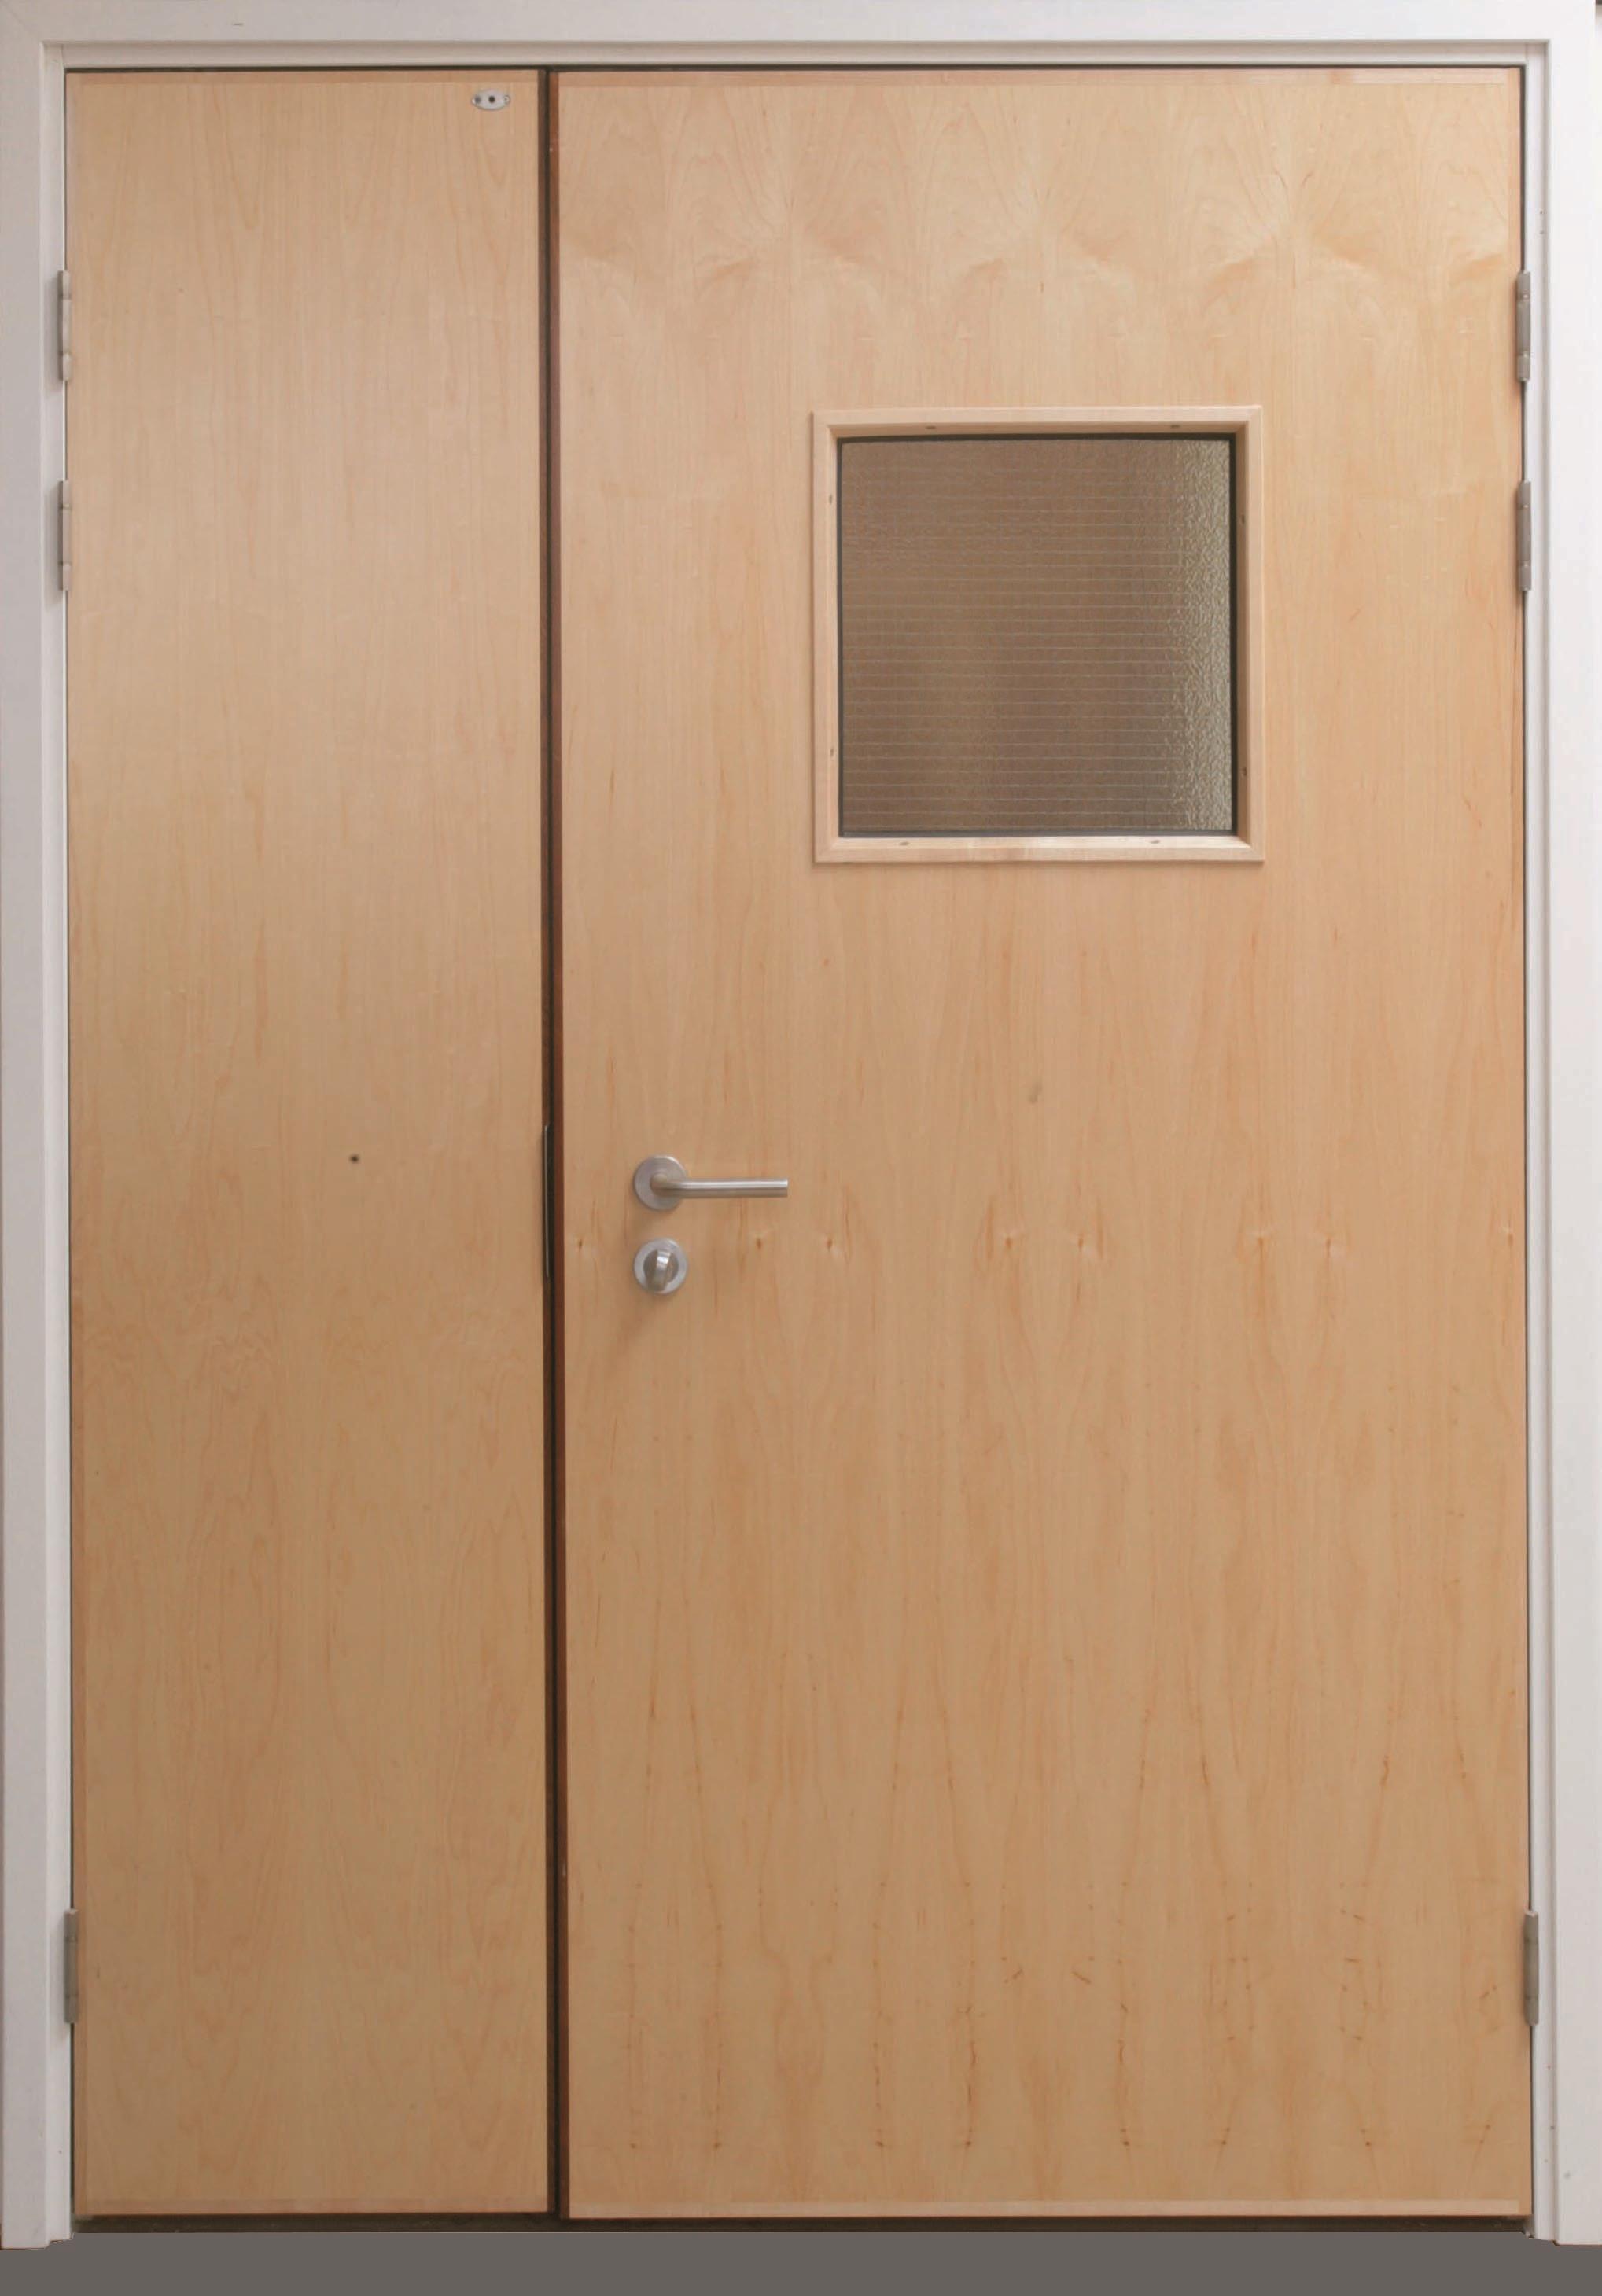 SMARTec Durability Doorsets